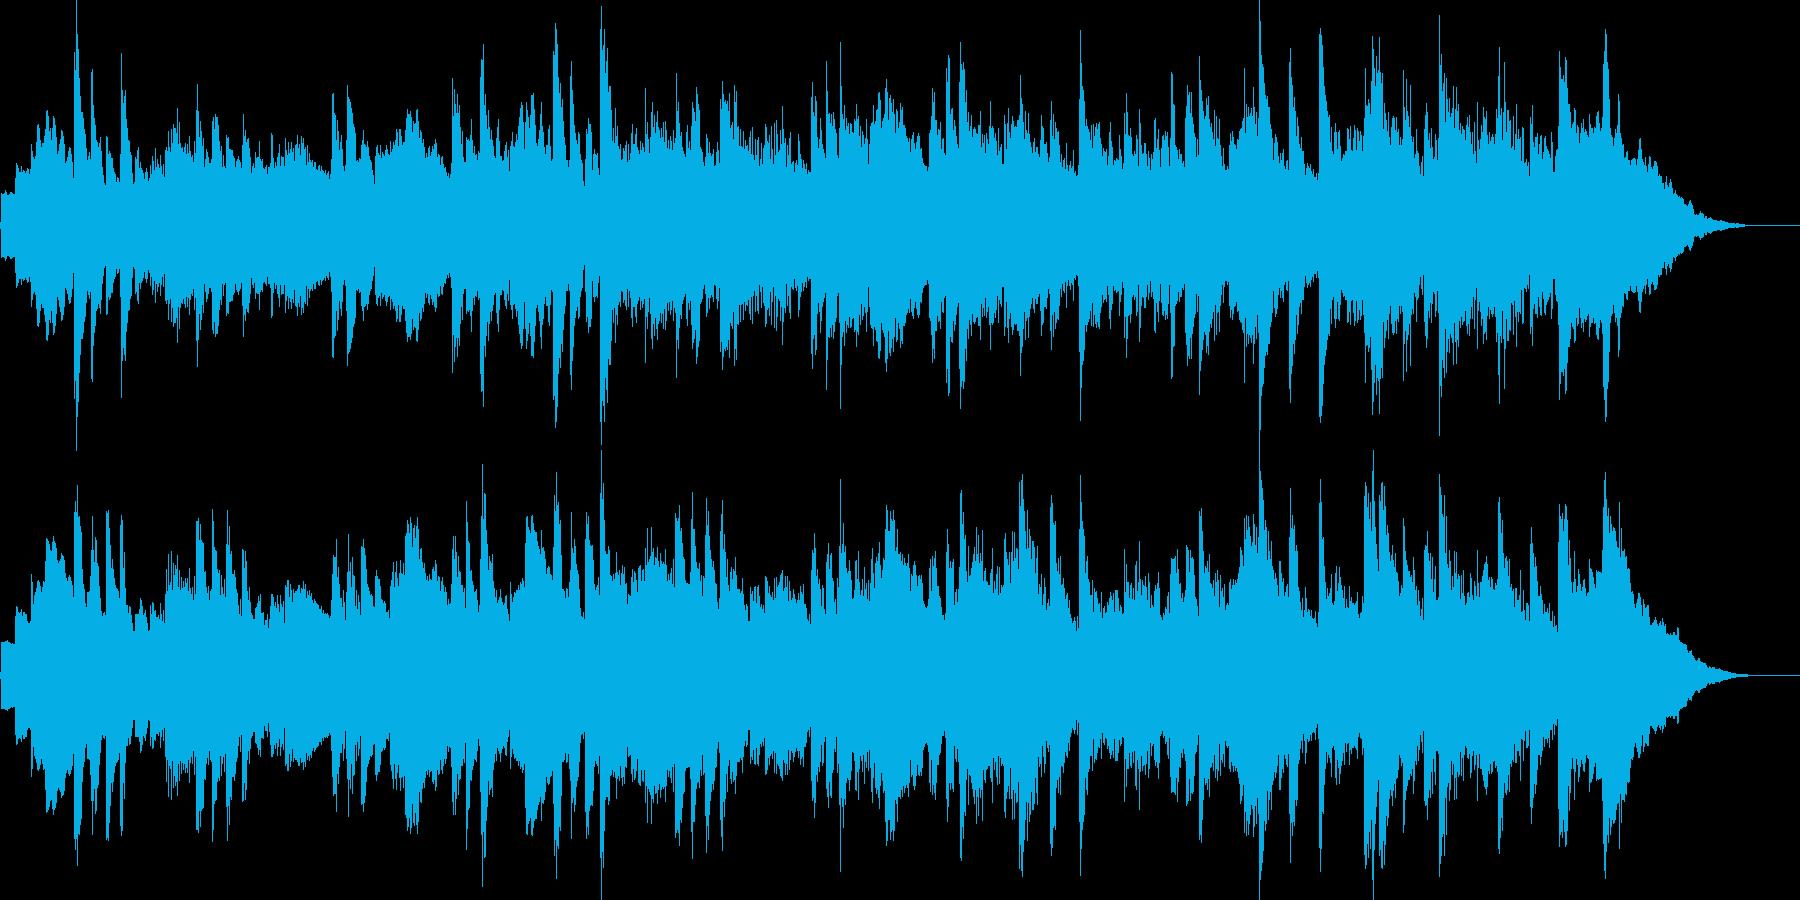 優しいピアノの音色をメインにしたブラン…の再生済みの波形